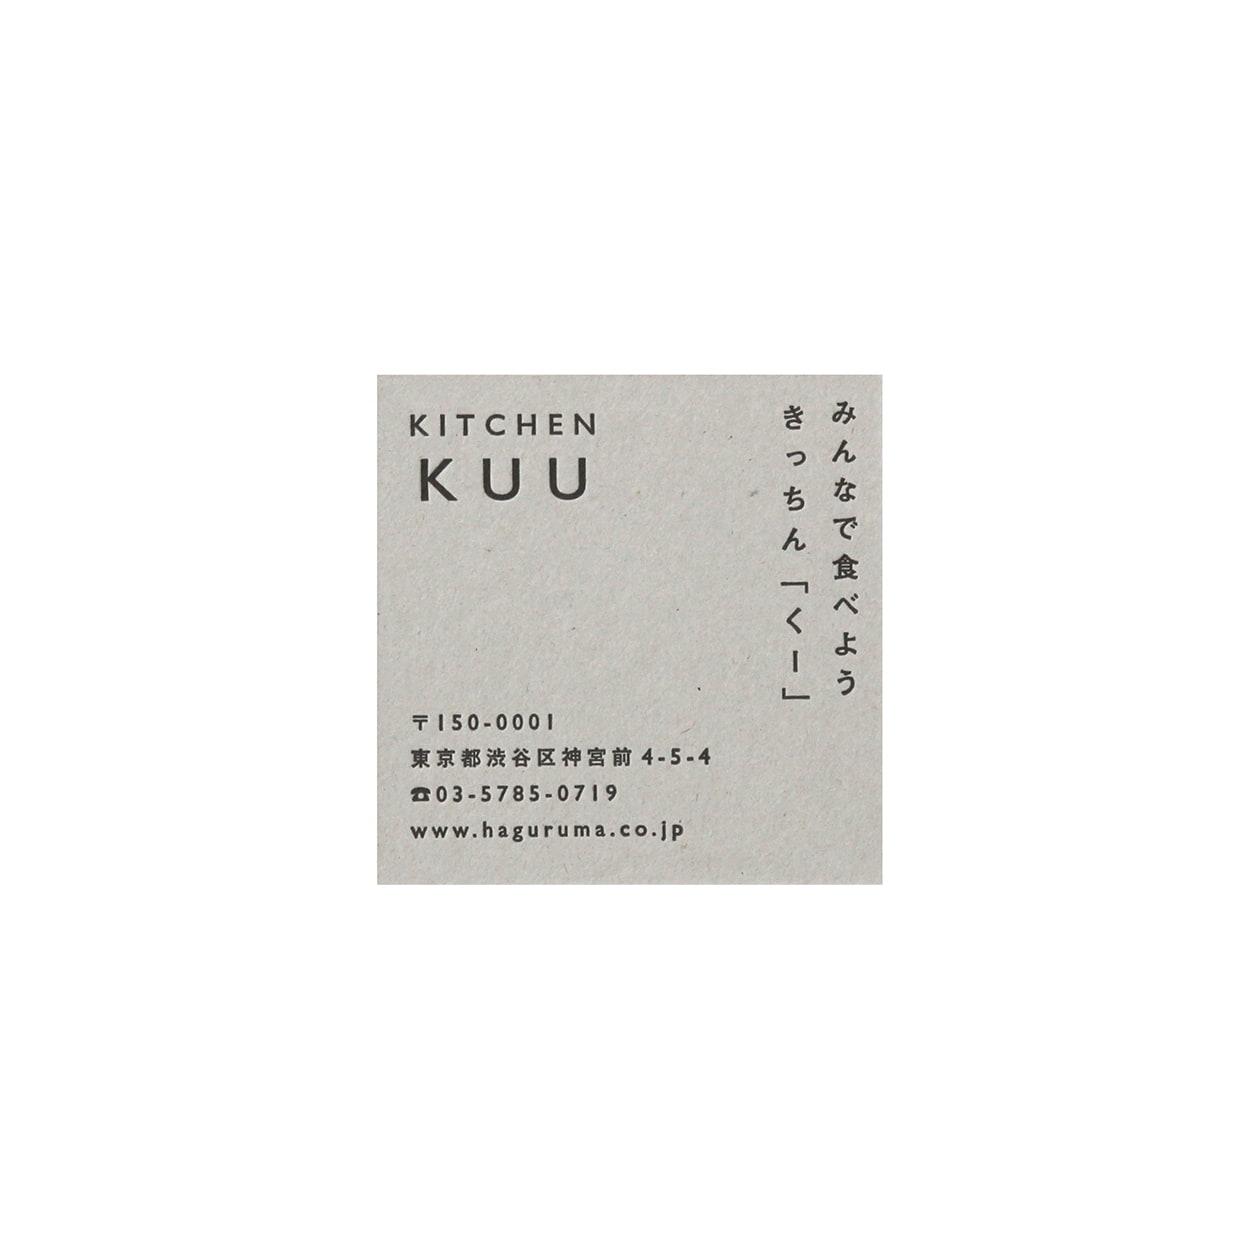 サンプル カード・シート 00225